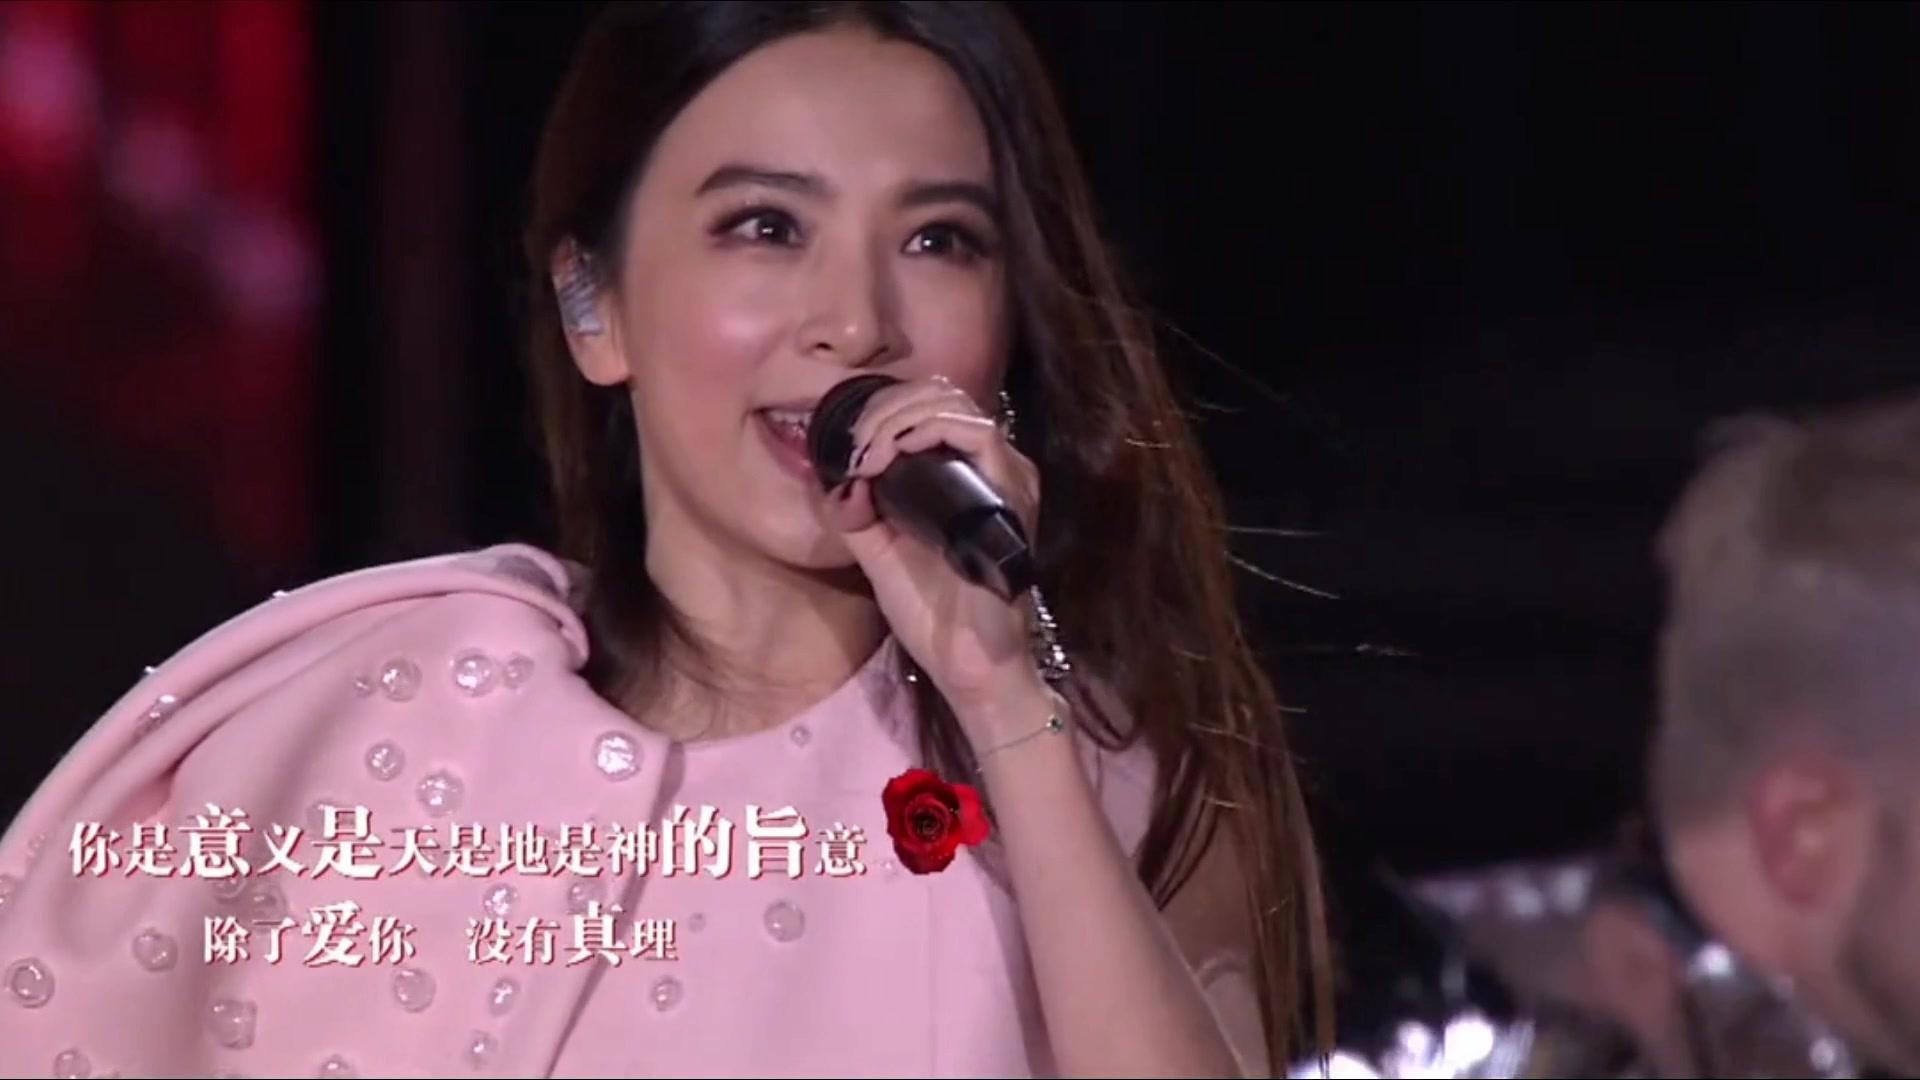 狠狠干sheyiqiang_she演唱一首《super_star》开口听沉醉,果断分享给大家